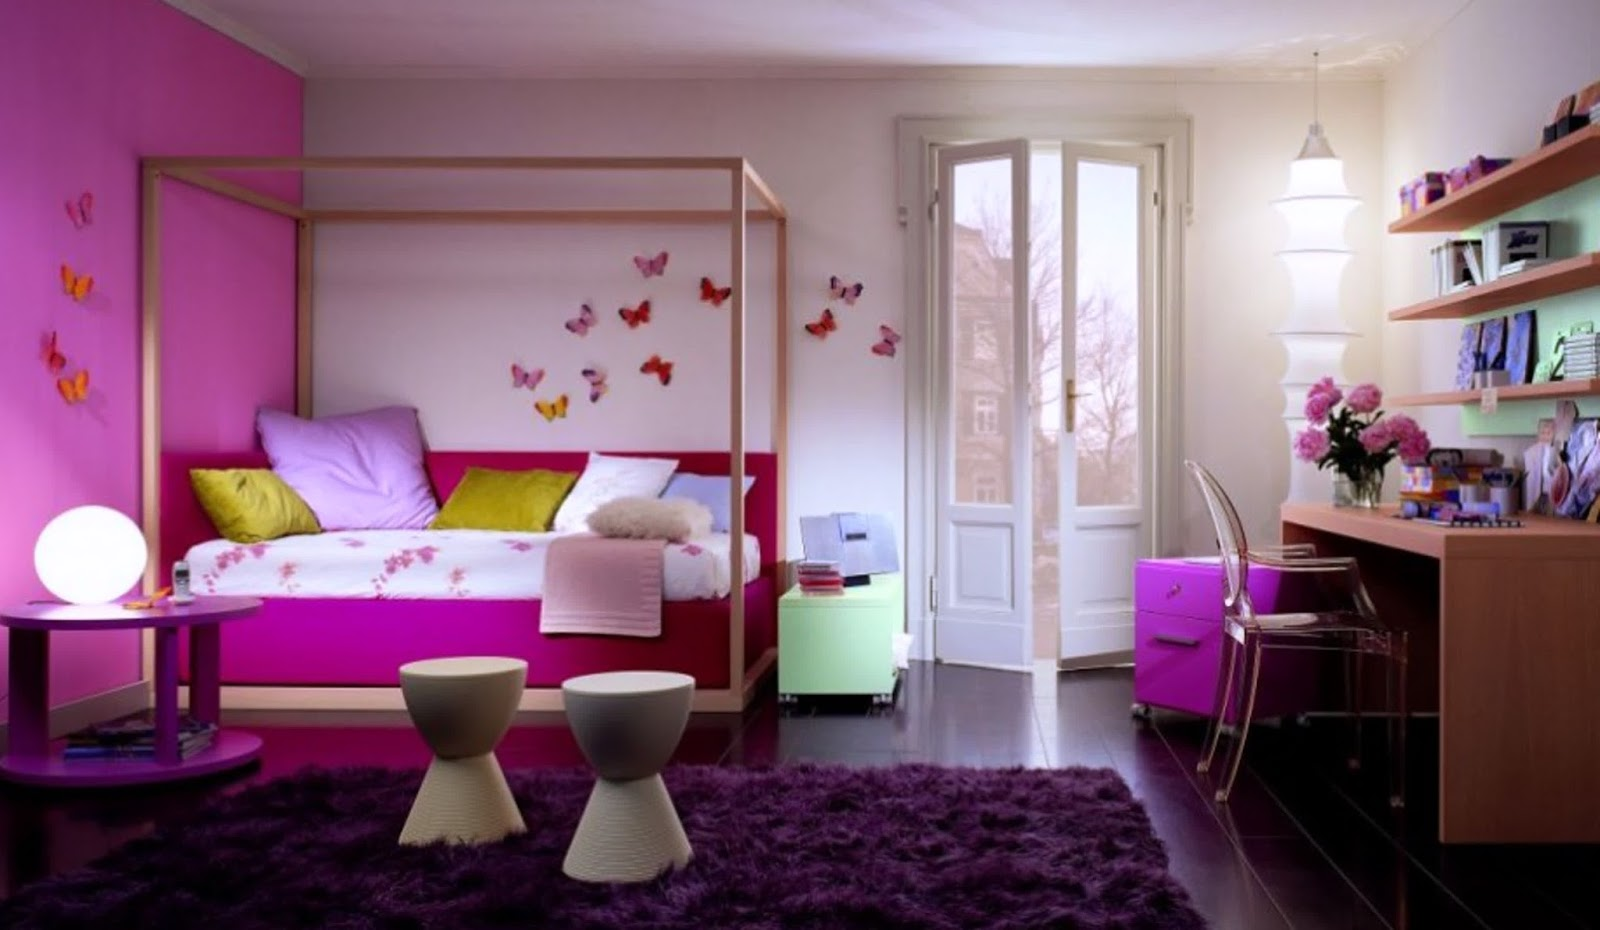 Idée décoration de chambres enfants   bébé et décoration   chambre ...